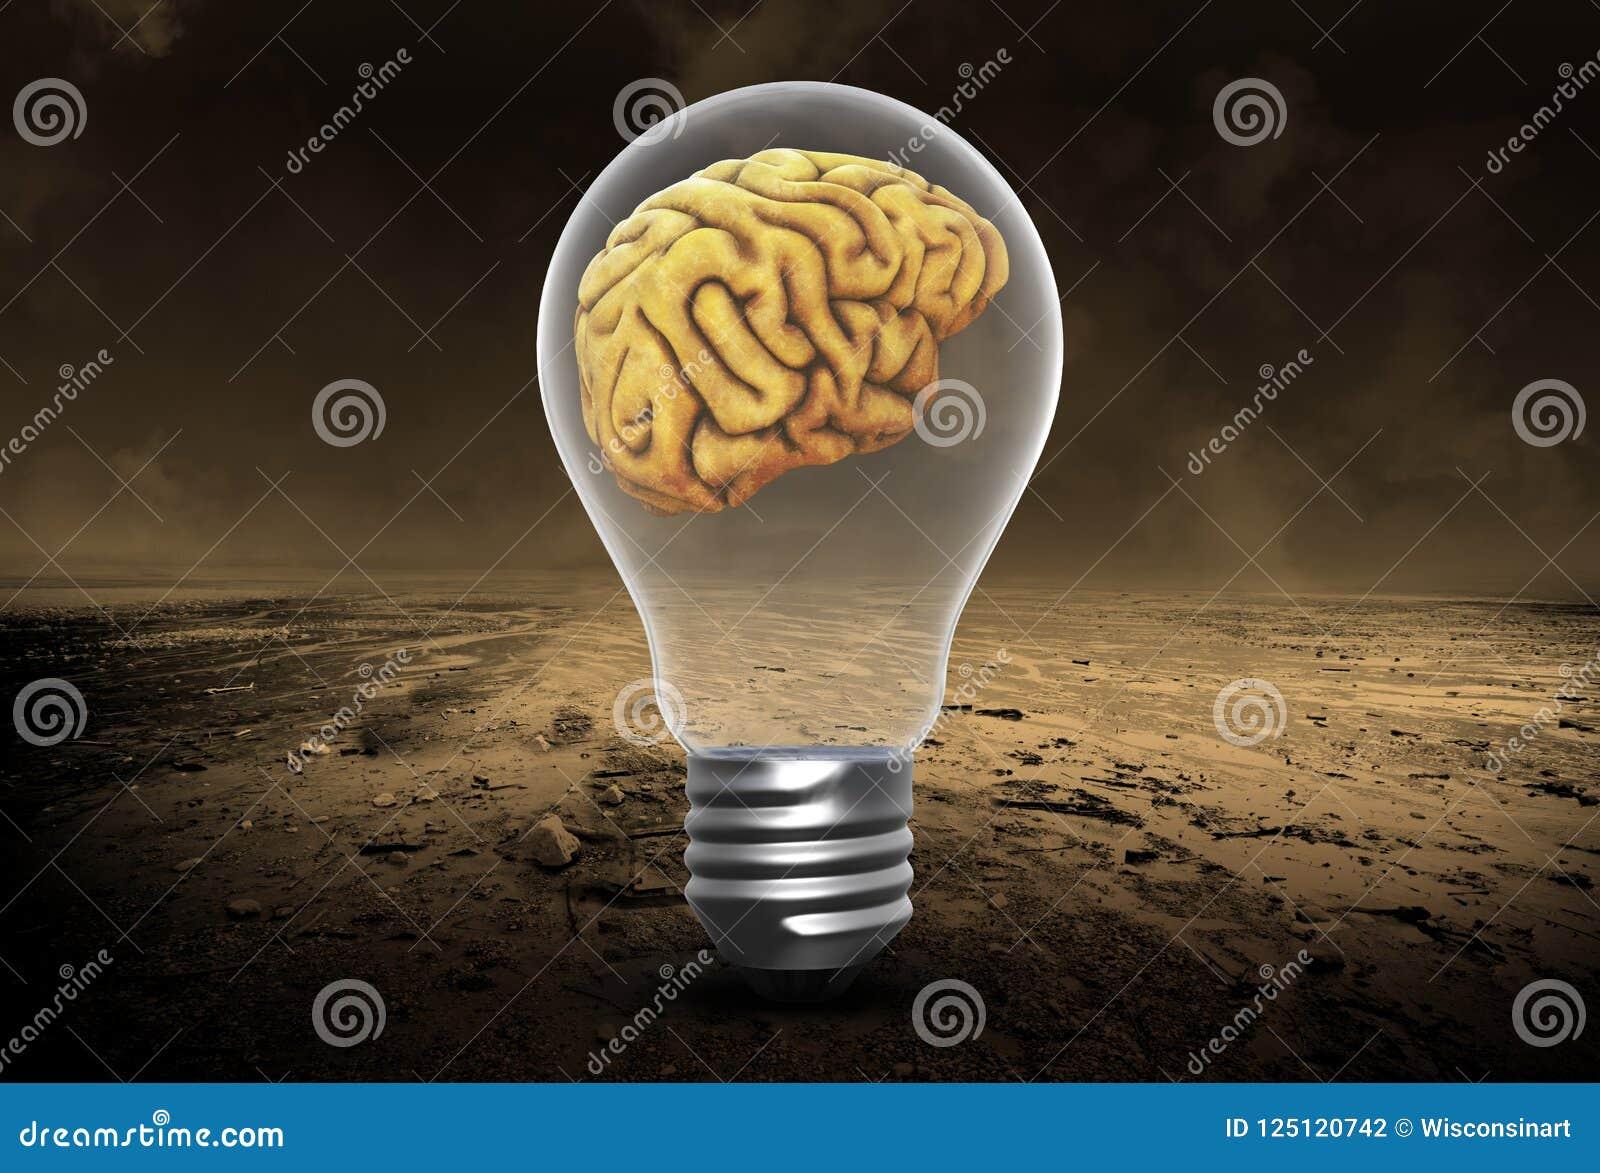 Ideeën, Hersenen, Innovatie, Succes, Doelstellingen, Succes